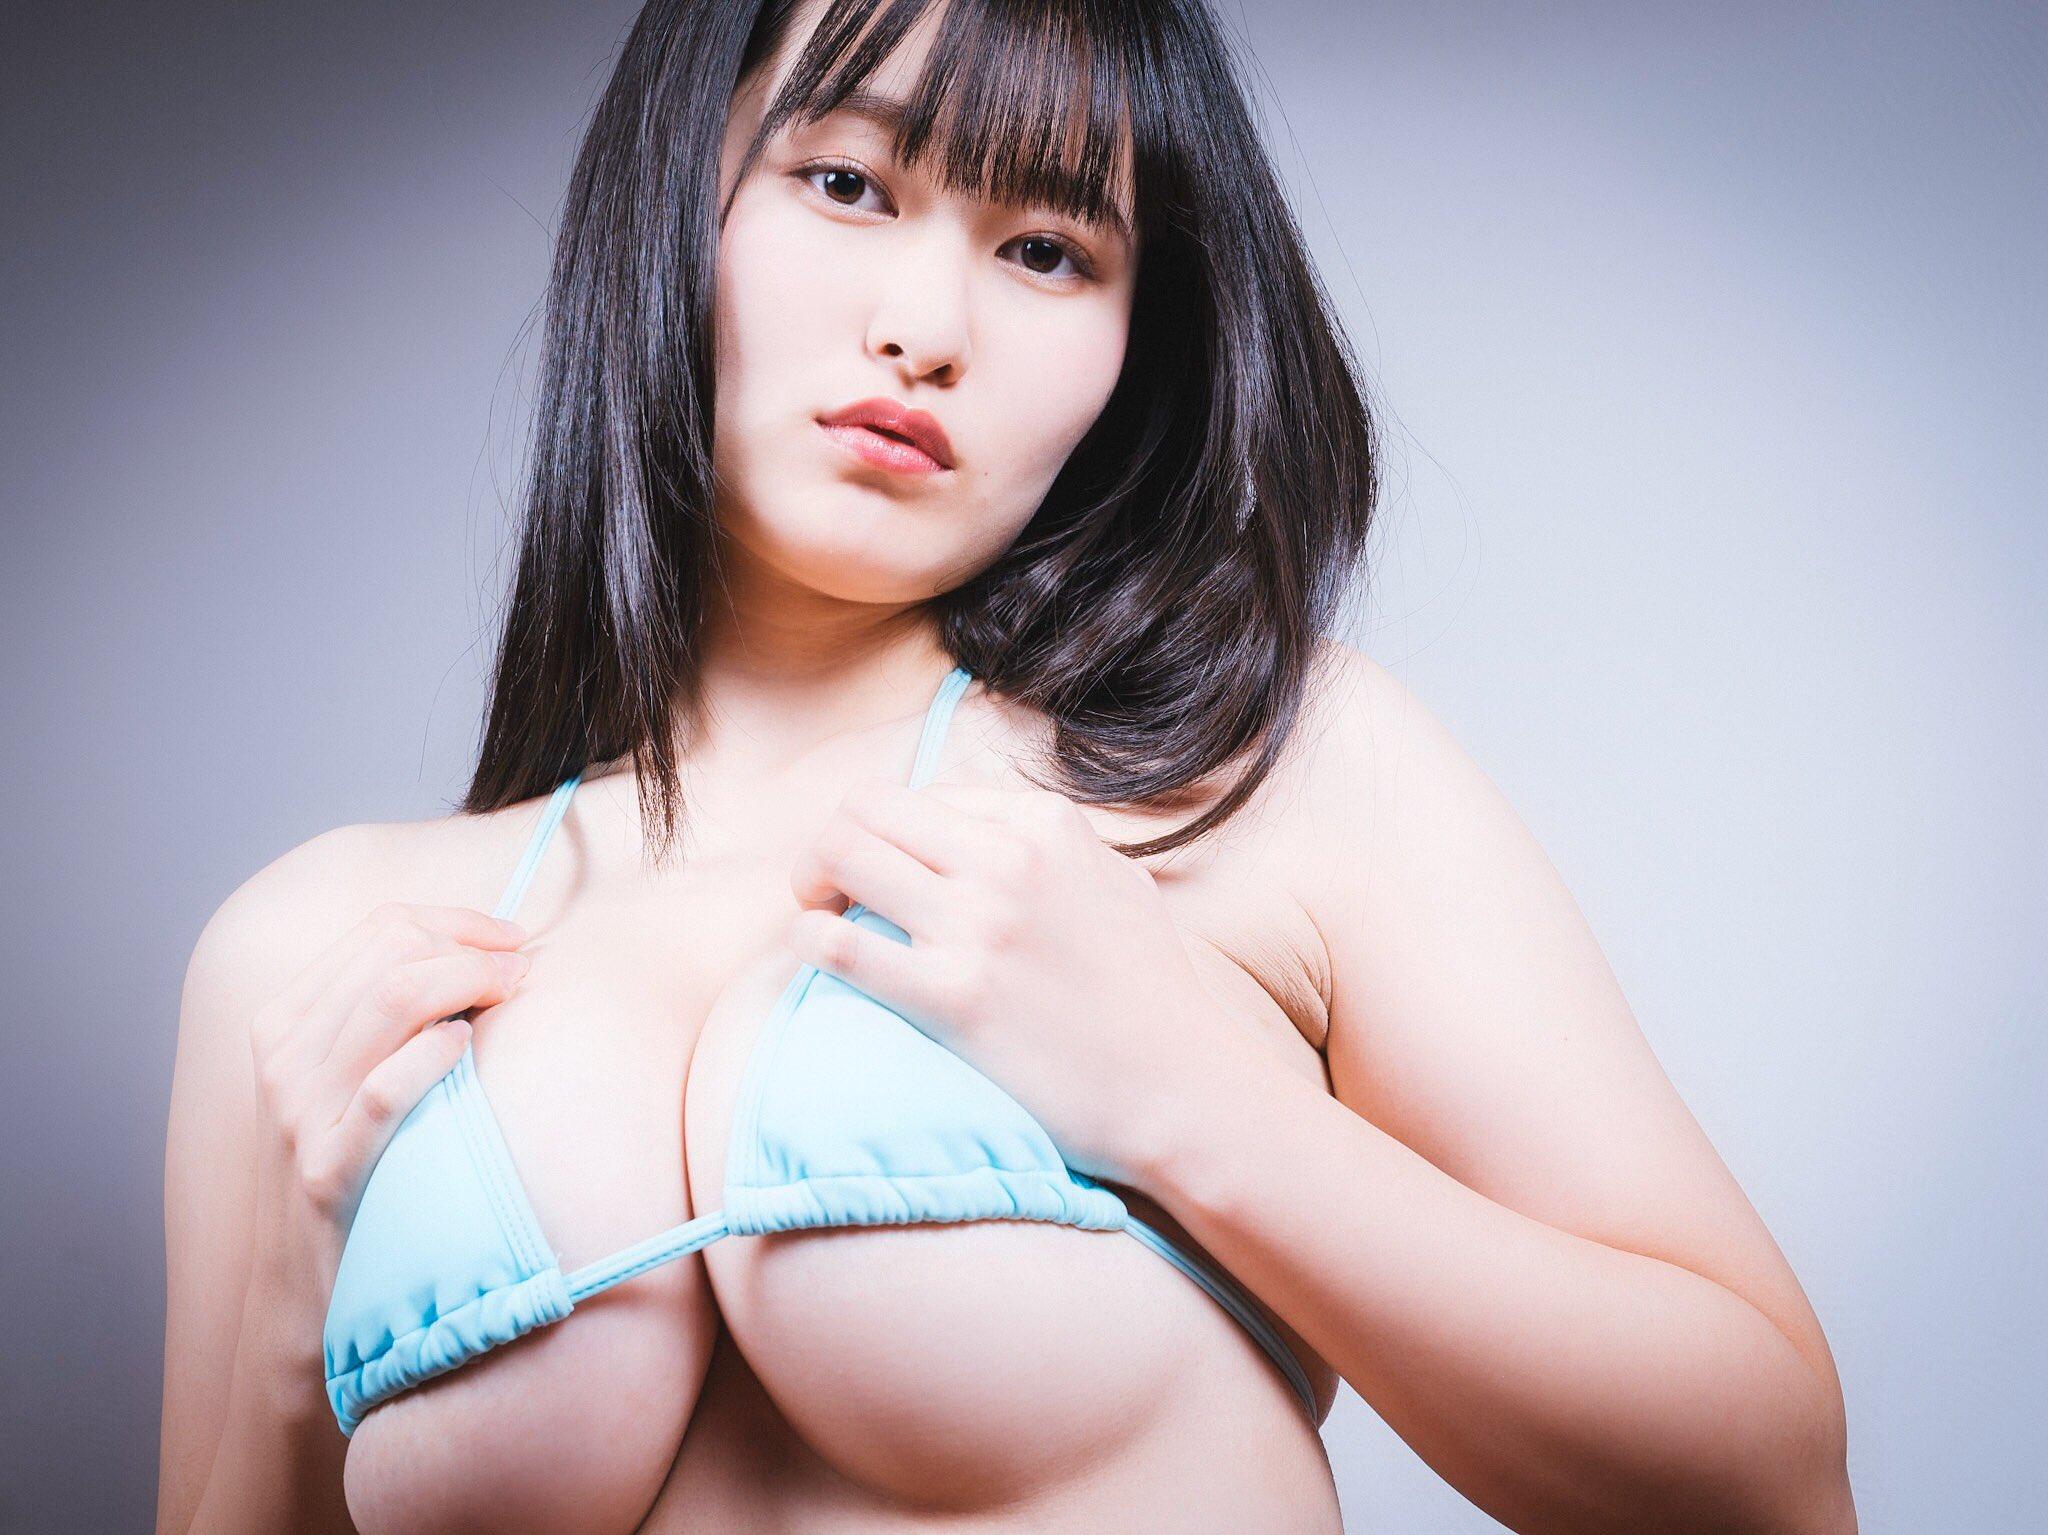 miri_ichika076.jpg